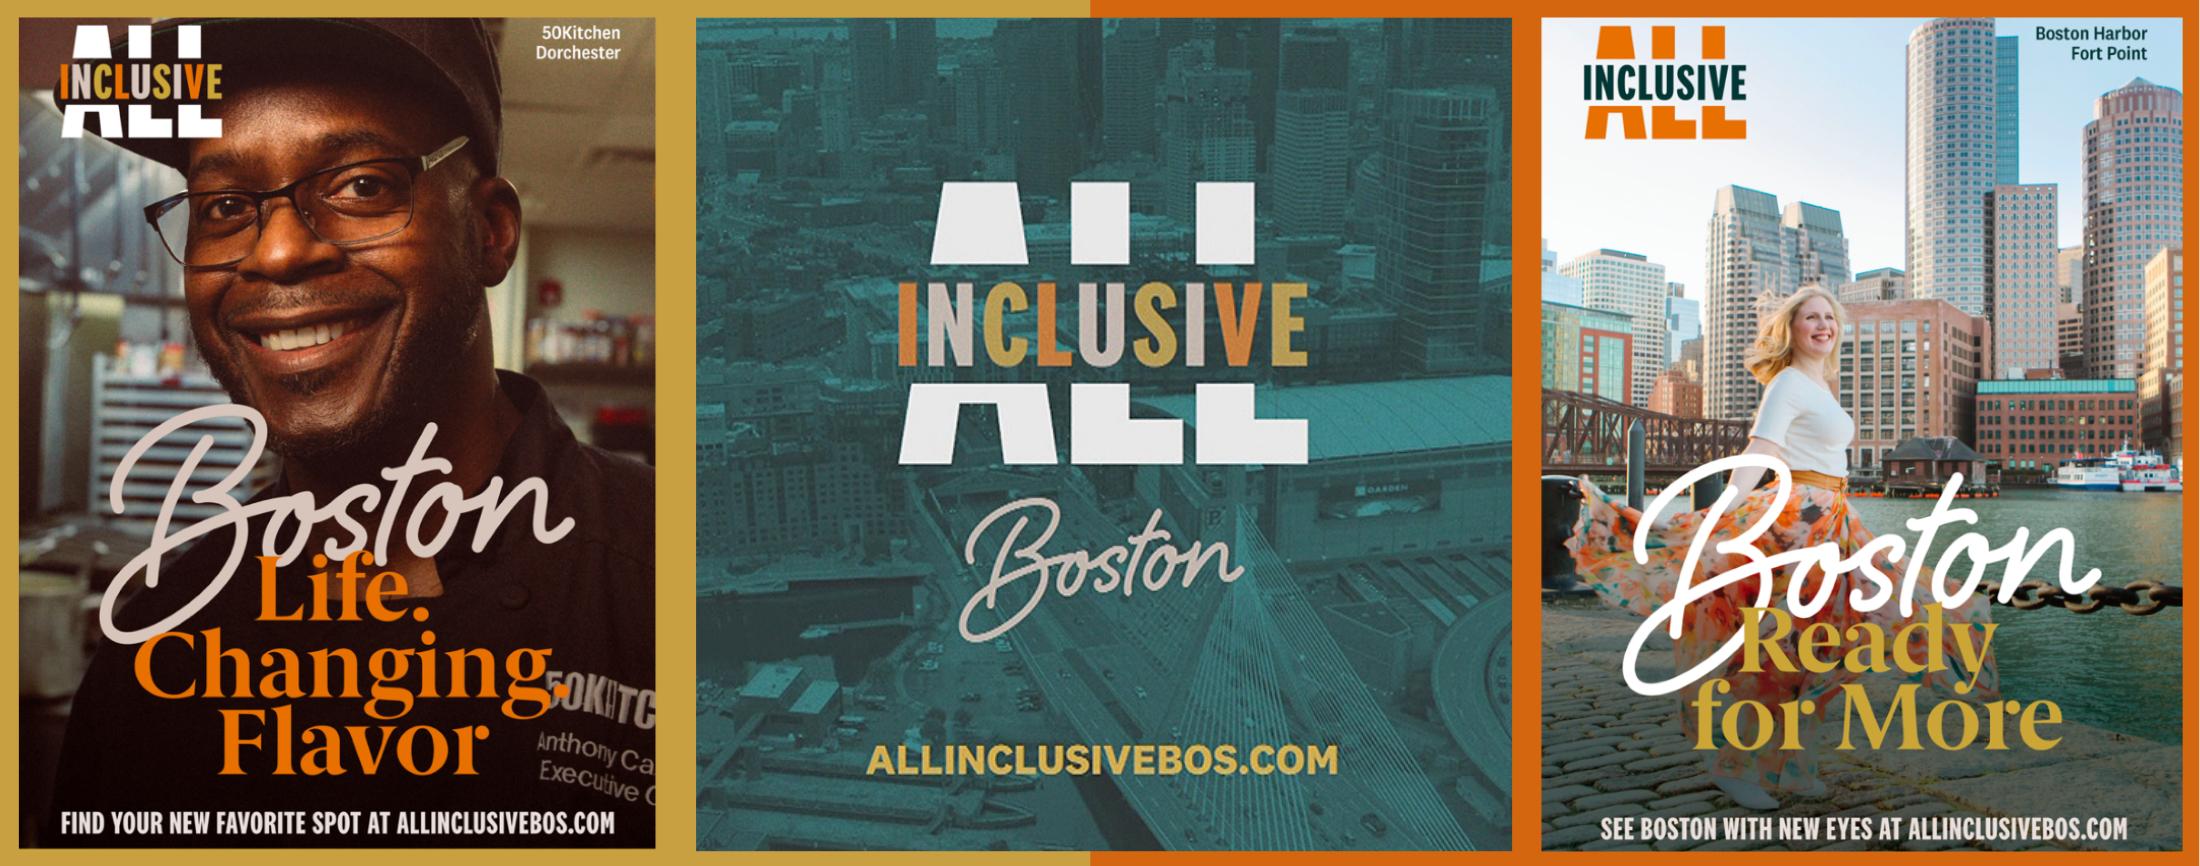 """New """"All Inclusive Boston"""" Campaign Celebrates Boston's Diversity"""